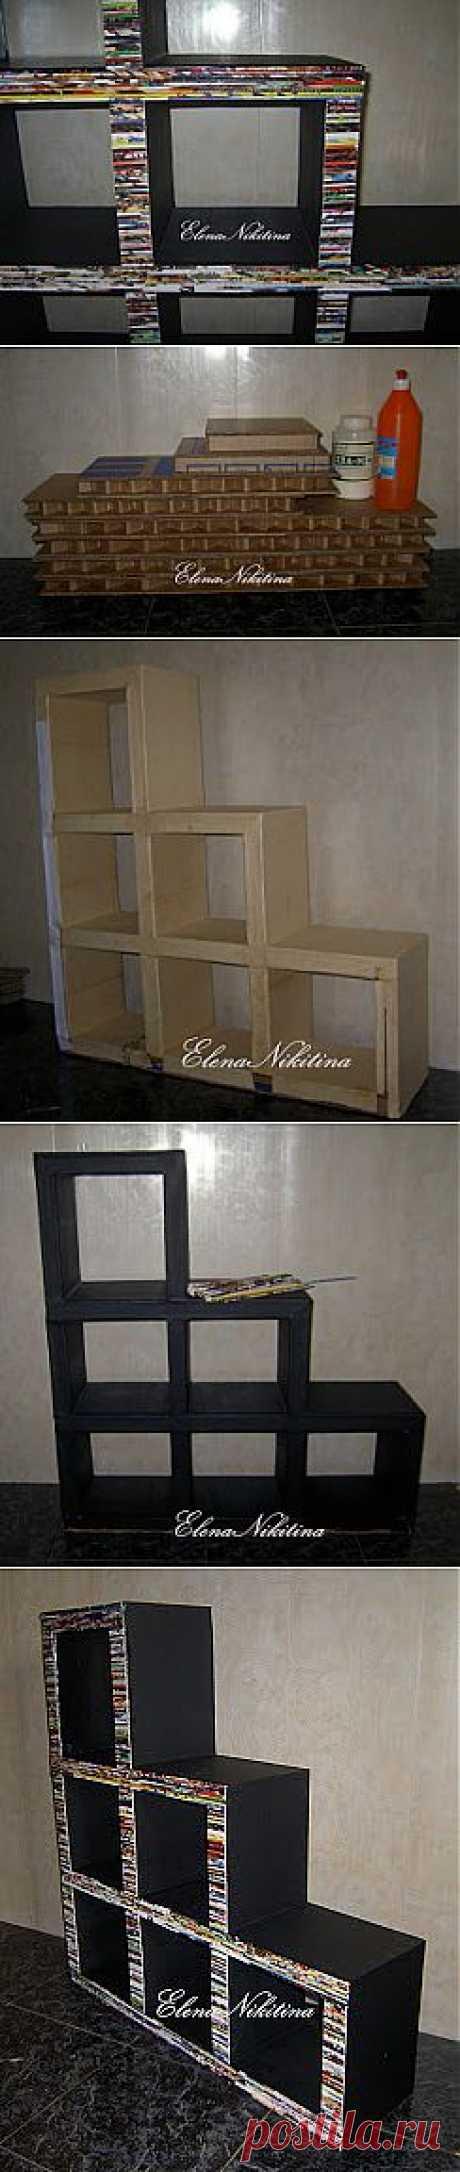 полка-стеллаж из... картона - Ярмарка Мастеров - ручная работа, handmade